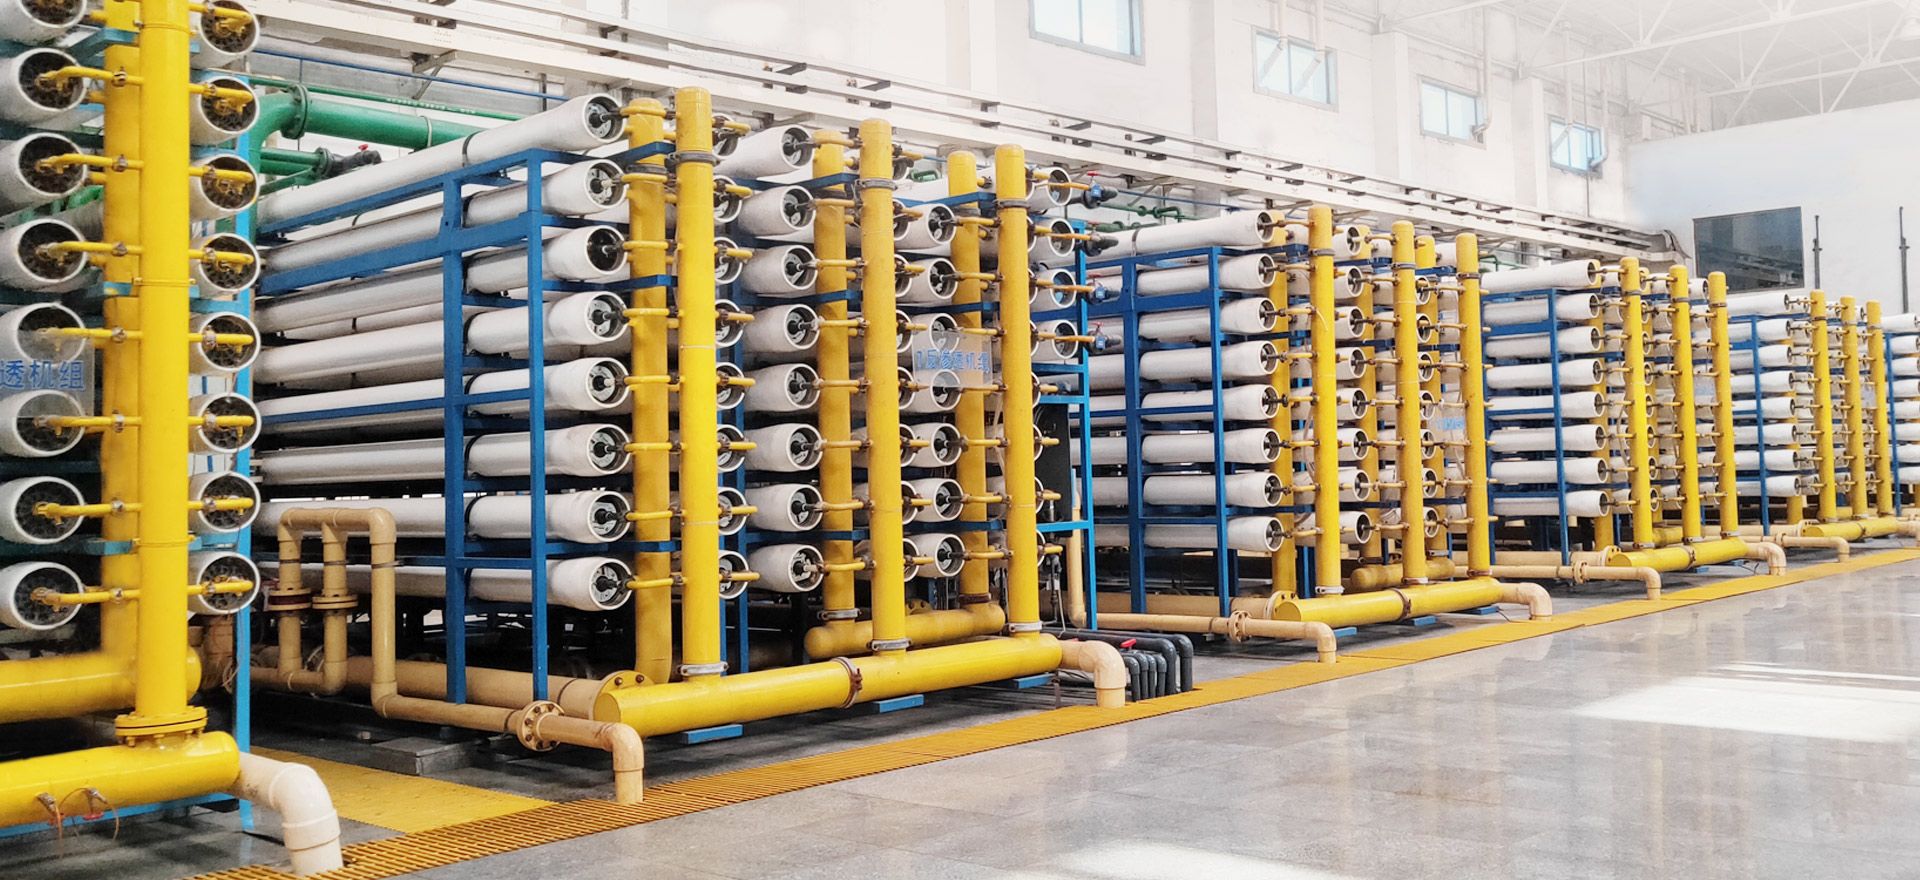 为客户提供优质的应用技术支持服务和膜法水处理系统的完整解决方案